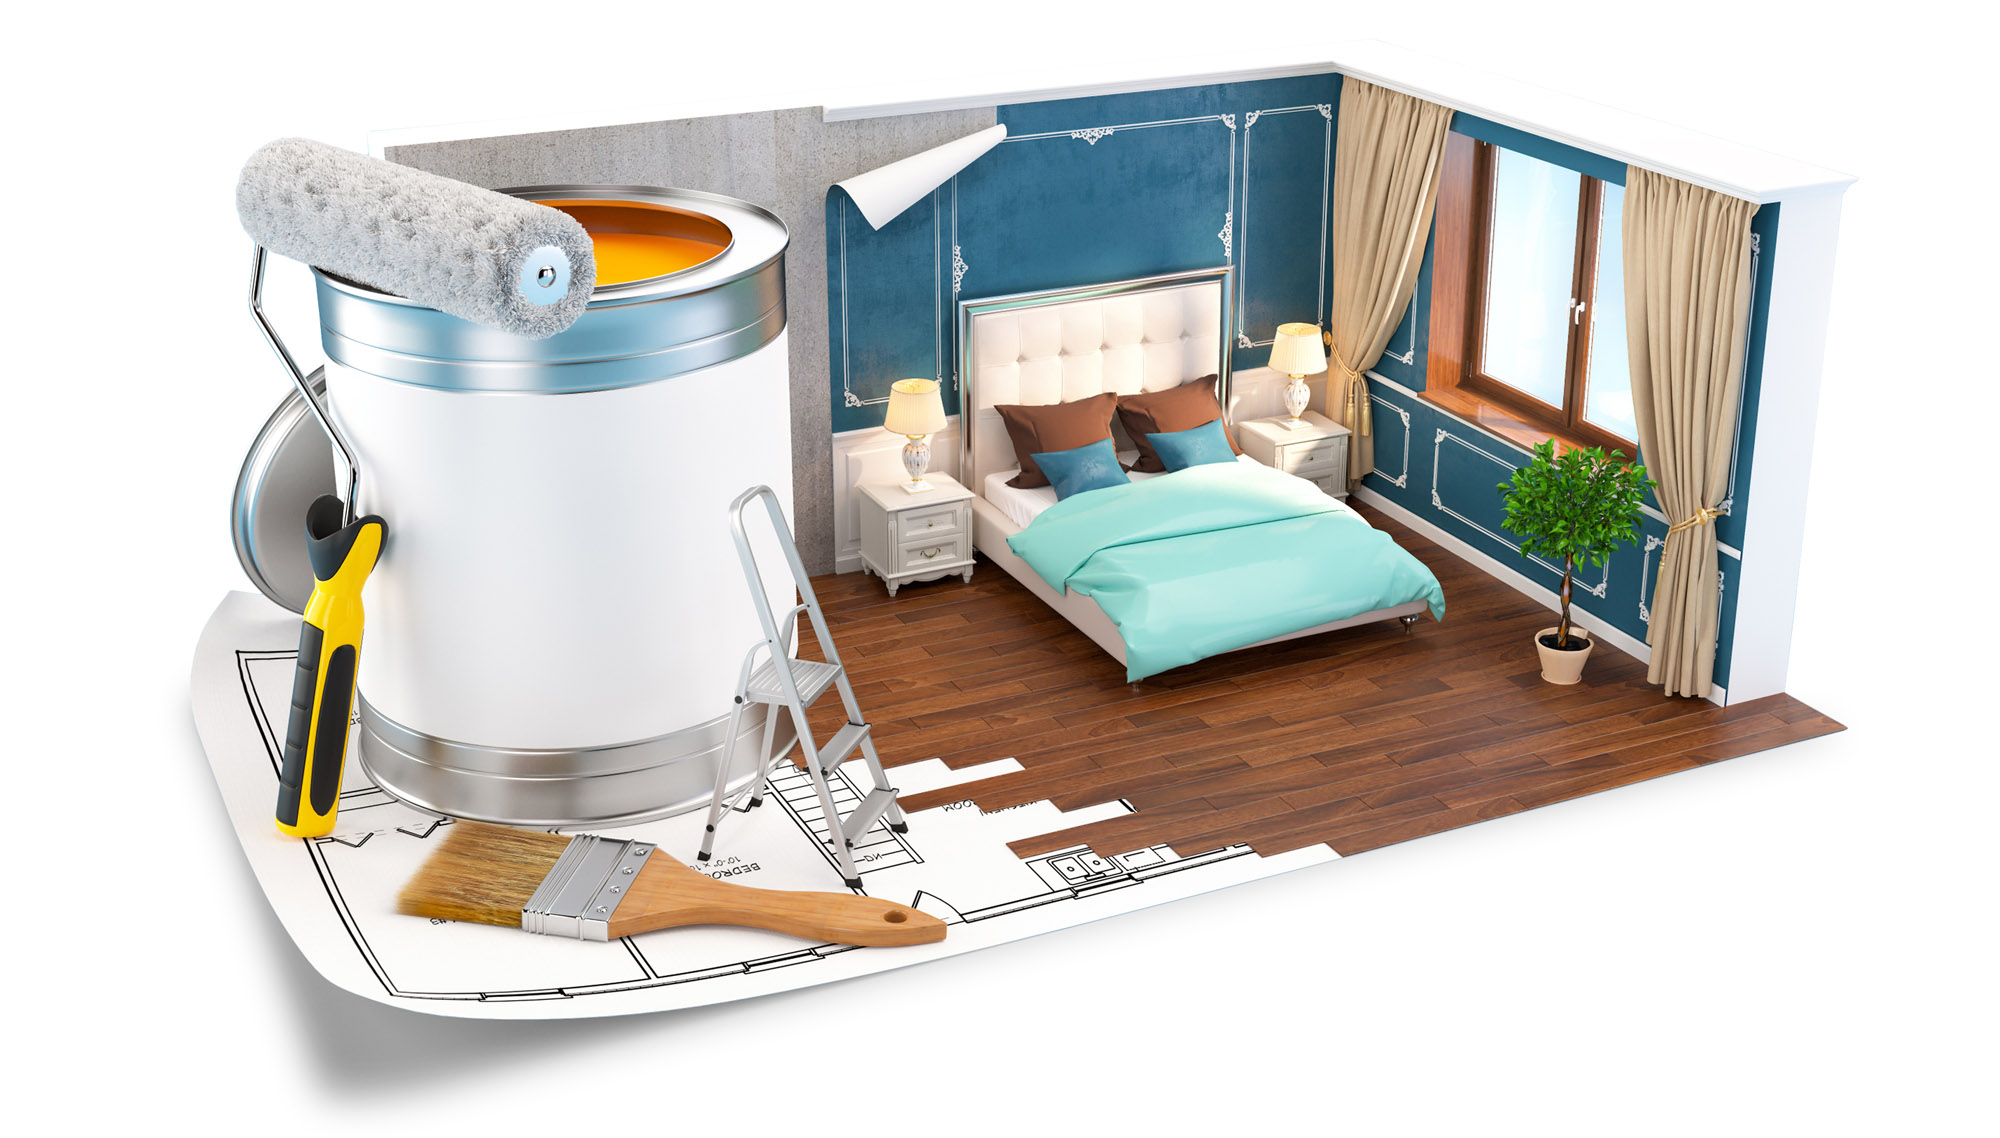 Pe lângă un parchet de calitate, o cameră reușită are nevoie și de multe alte elemente de design interior. Iată 10 sfaturi pentru un design interior ideal